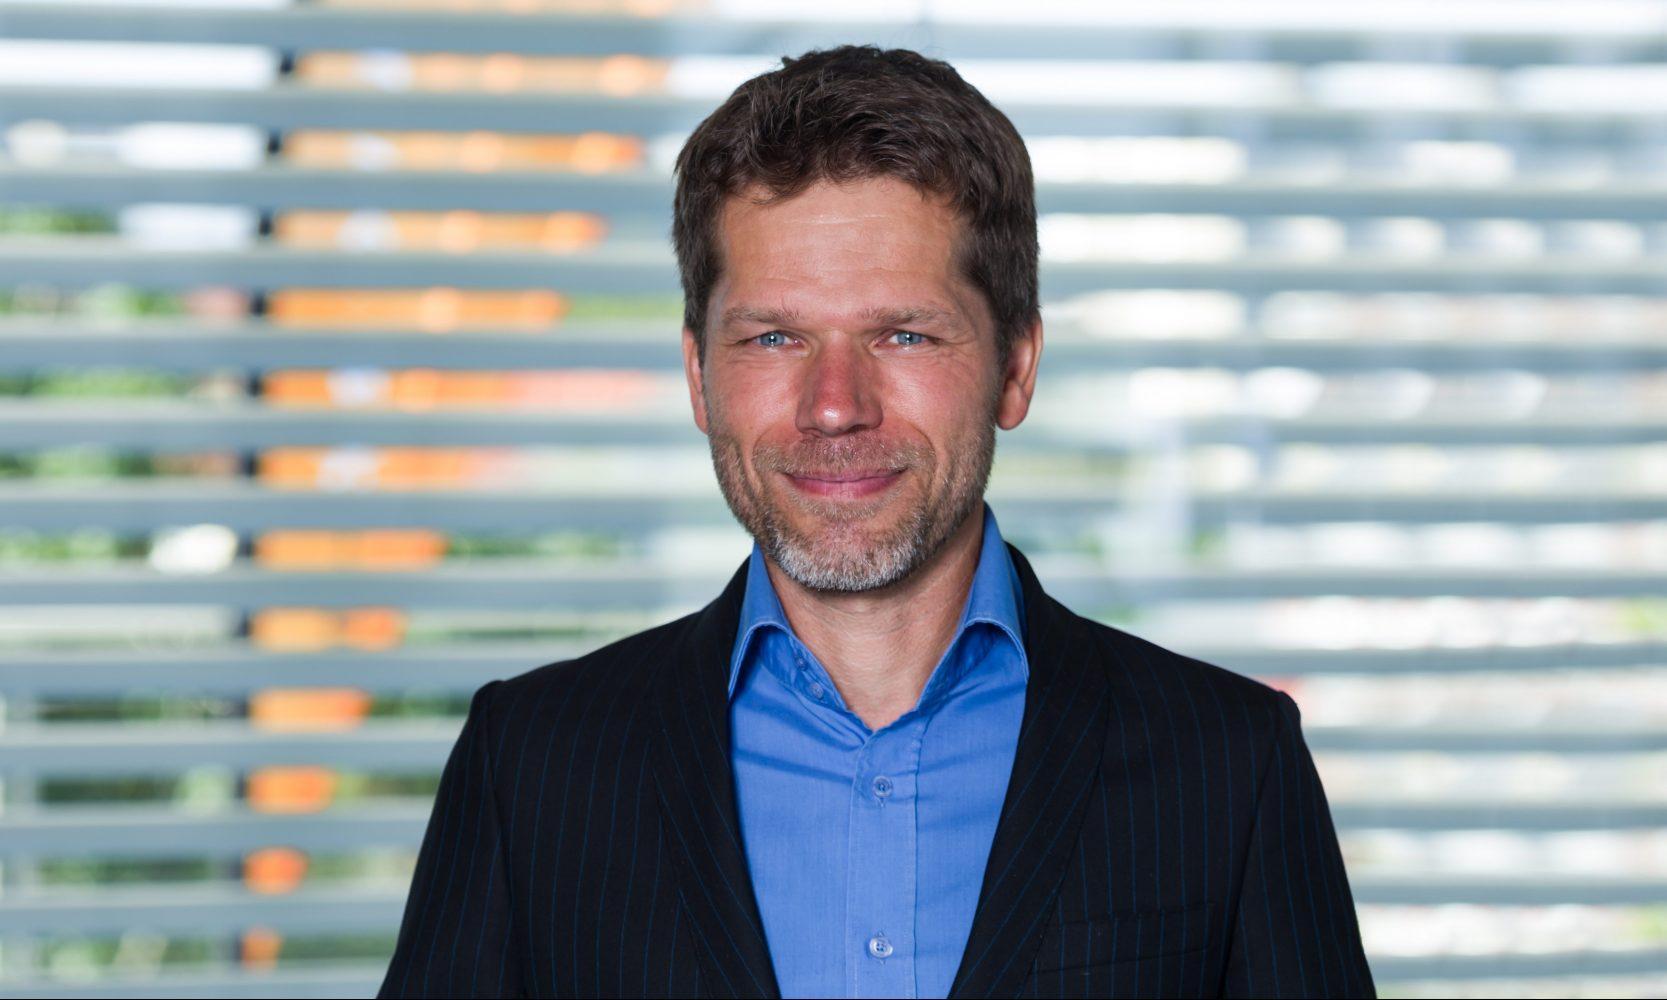 Martin Buck, Vorstandsvorsitzender der ifm-Unternehmensgruppe (Bild: IFM Electronic GmbH)